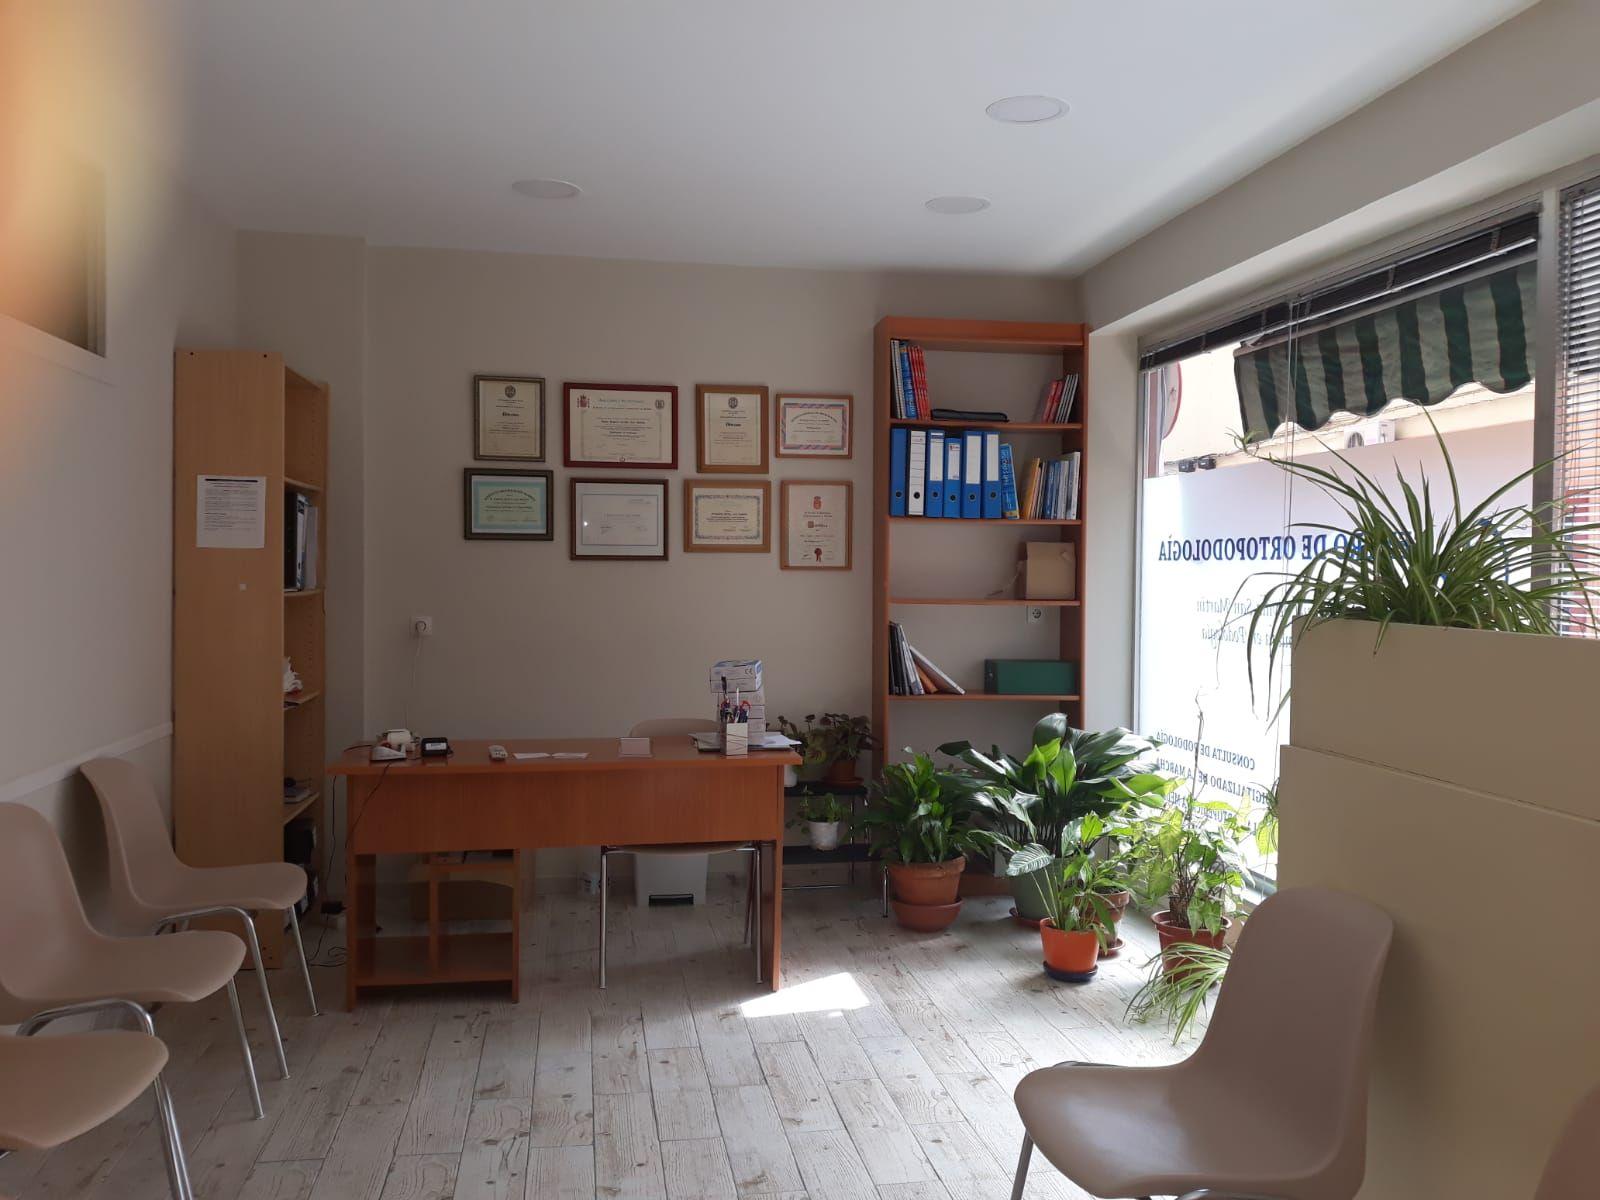 Plantillas ortopédicas en clínica podológica en Madrid sur